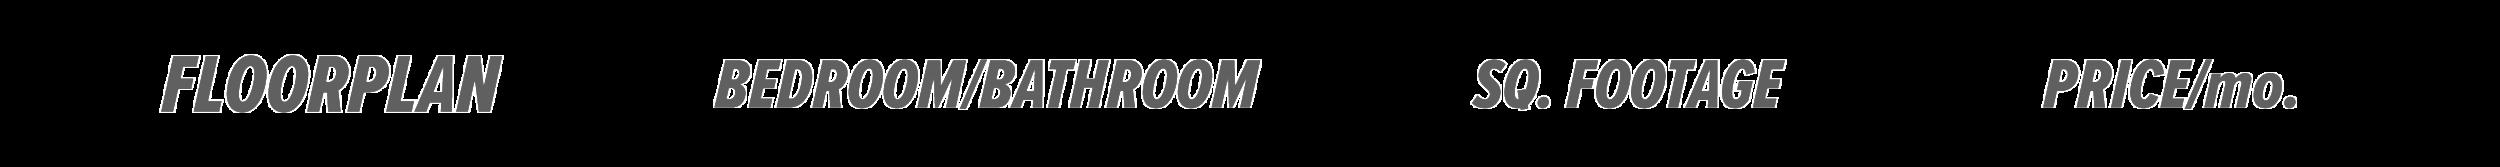 Floorplan – Bedroom/Bathroom – Sq. Footage